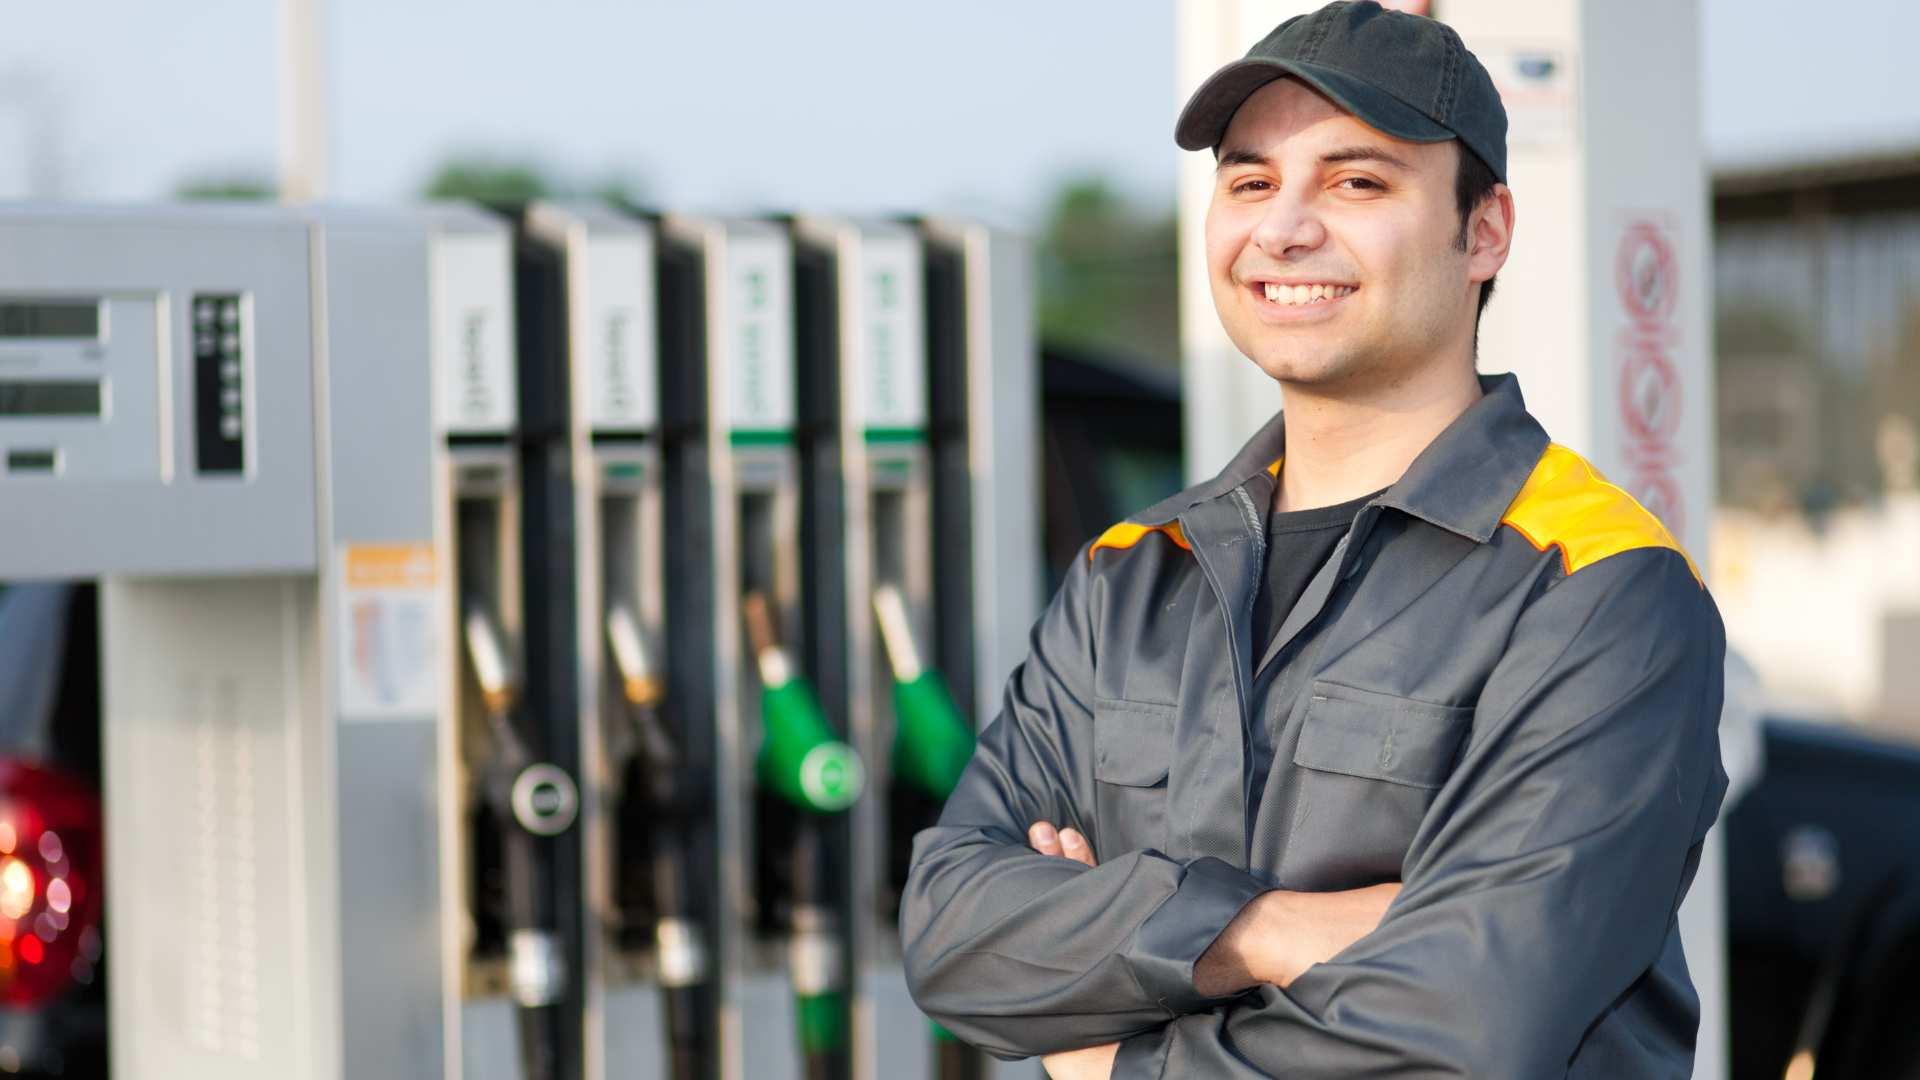 Como ter maior liberdade sendo um gestor de posto de combustível?